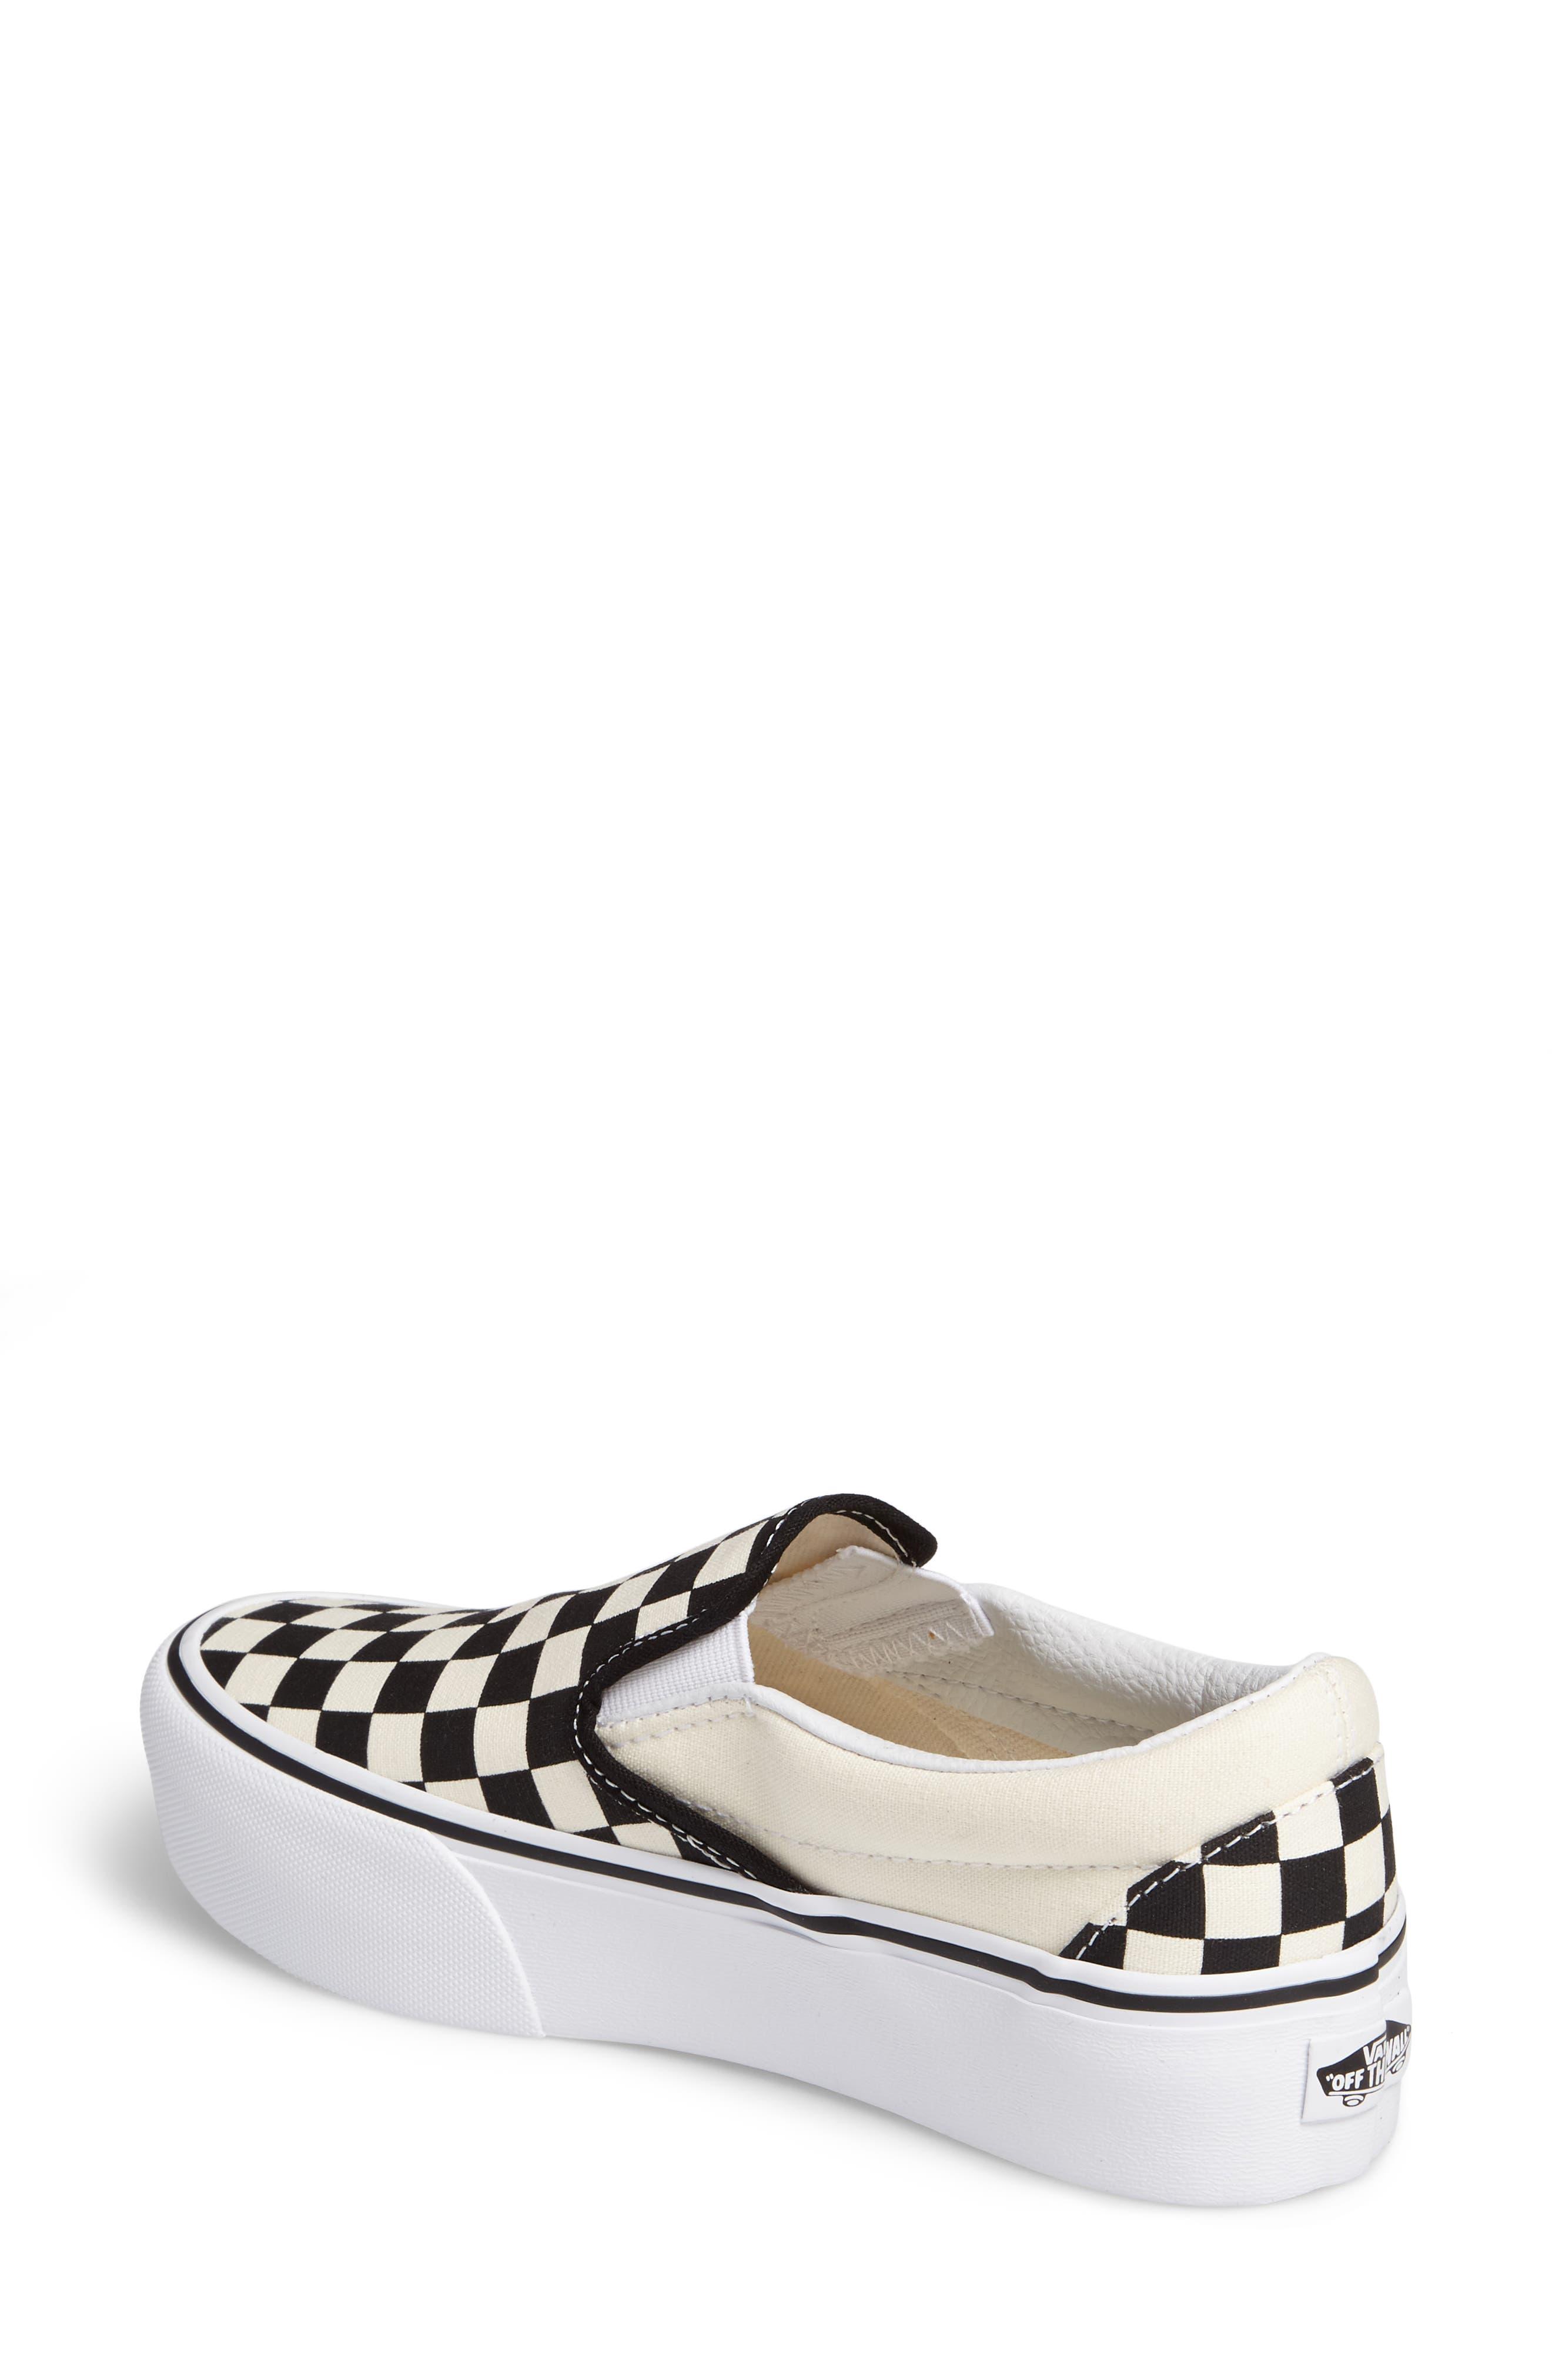 Platform Slip-On Sneaker,                             Alternate thumbnail 2, color,                             Black/ Black/ White